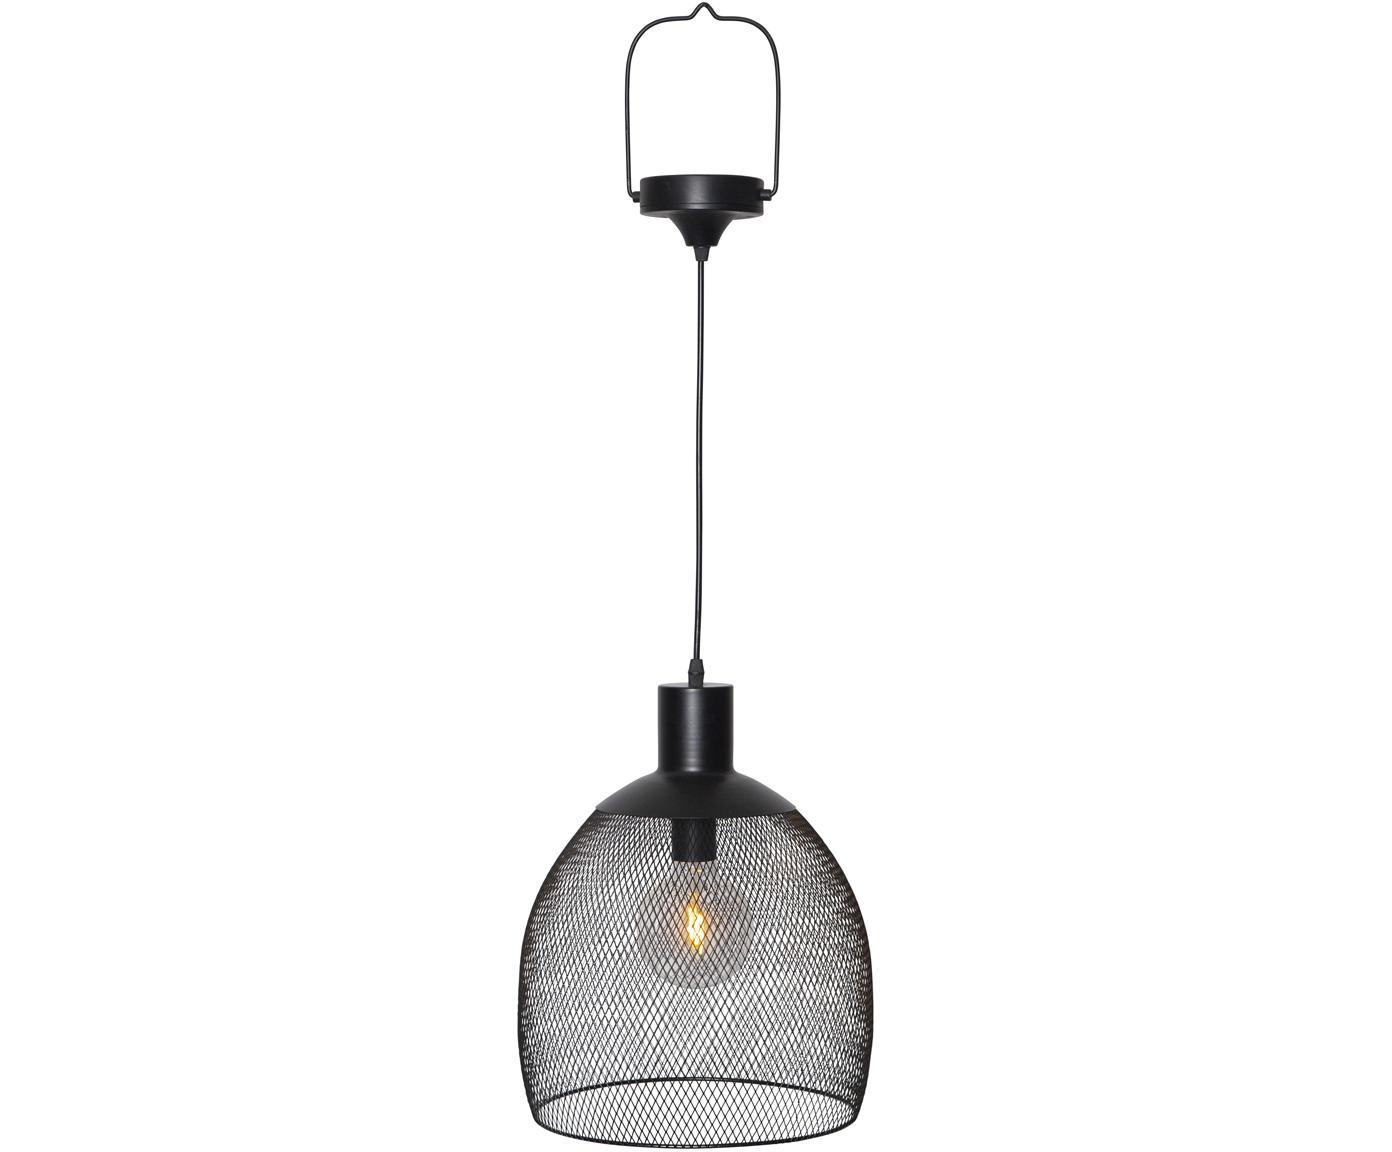 Zewnętrzna lampa solarna LED Sunlight, Czarny, Ø 29 x W 35 cm